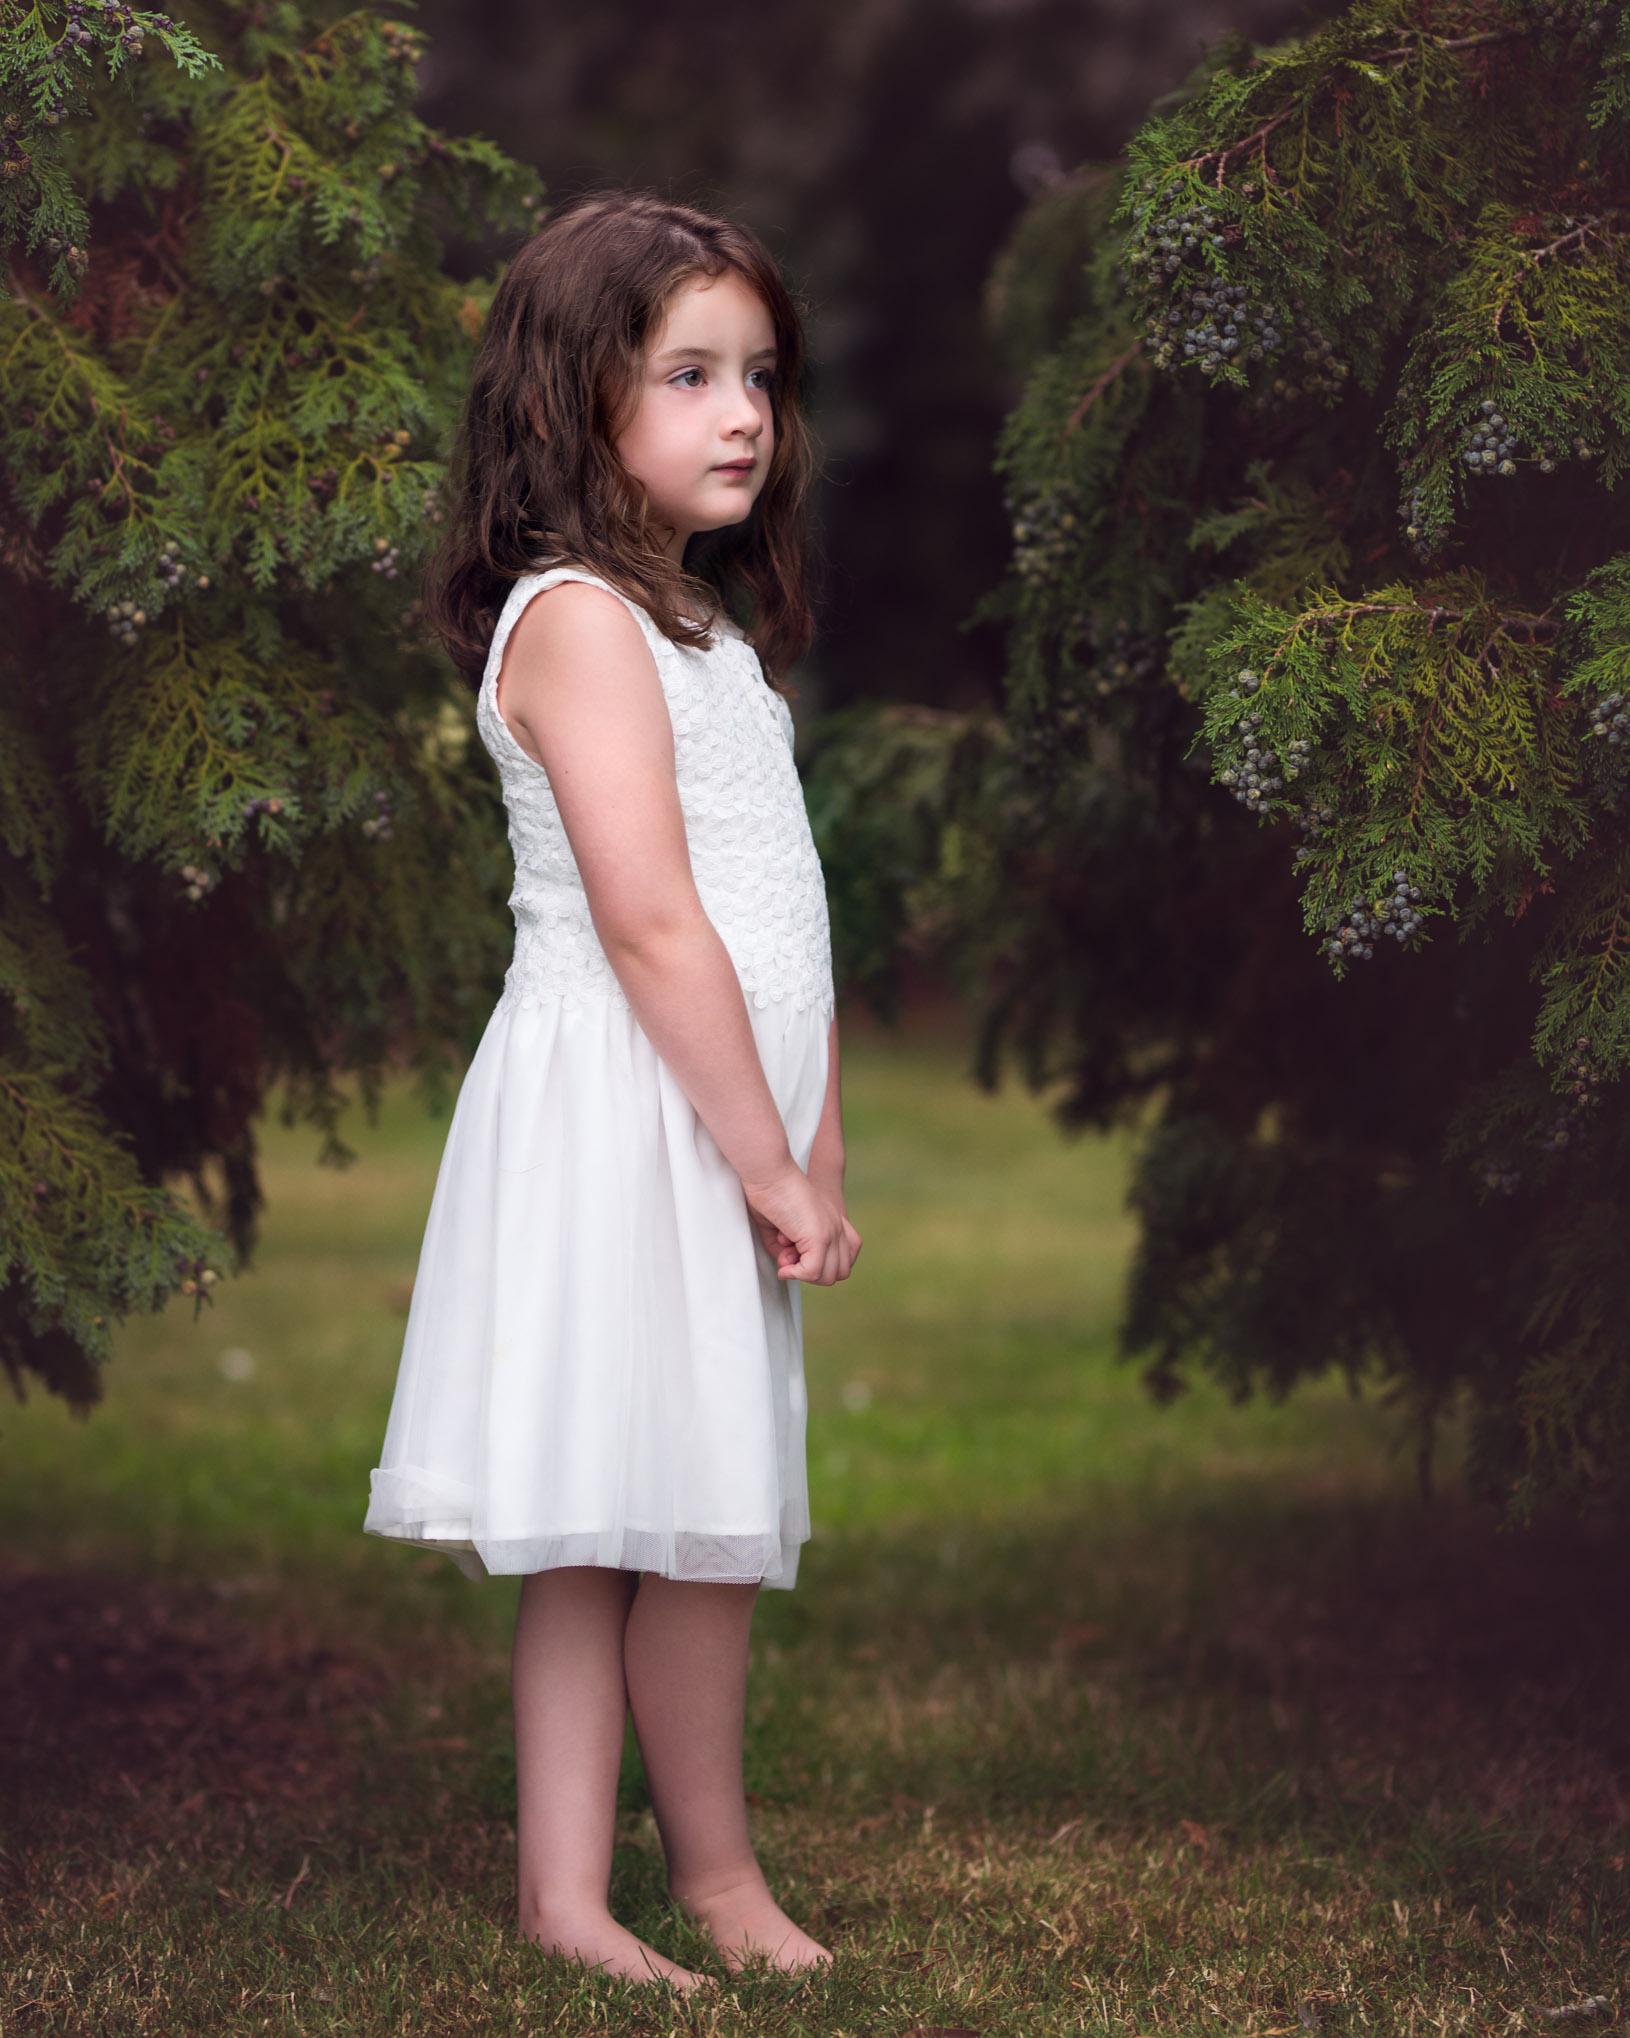 Girl between trees | Children's Photography